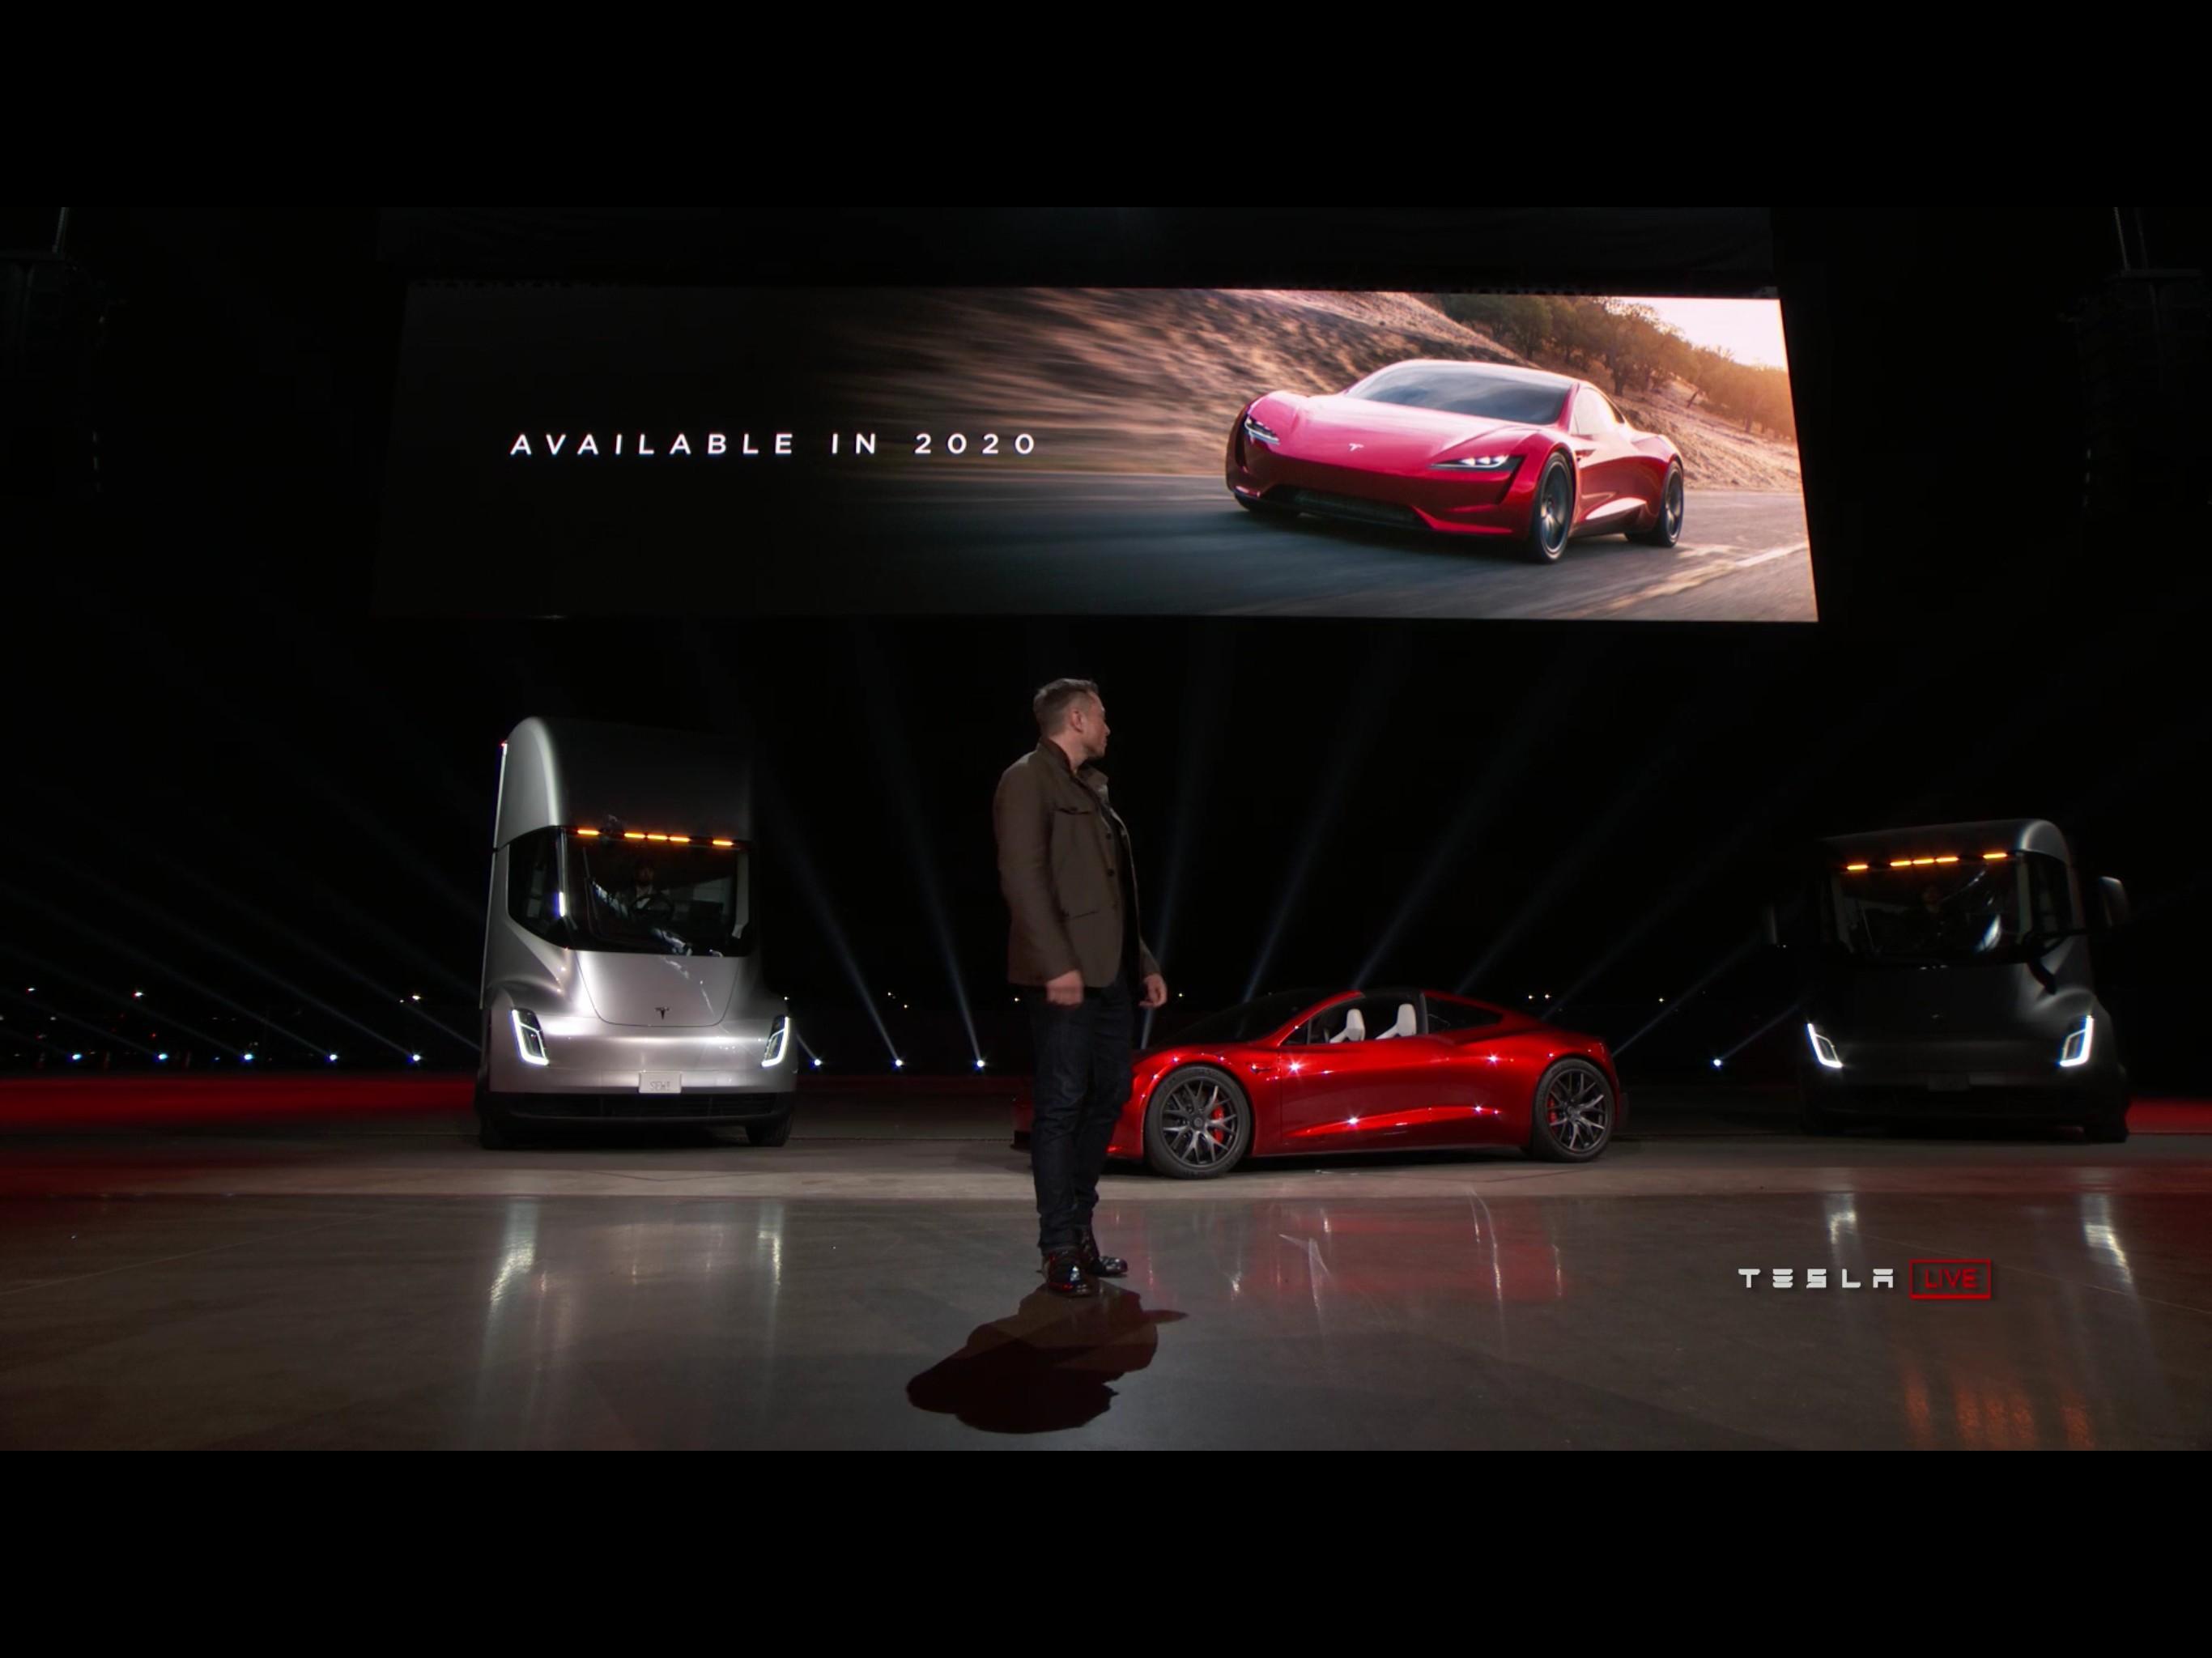 Elektrosportwagen: Tesla Roadster 2 beschleunigt in 2 Sekunden auf Tempo 100 - Tesla Roadster 2 (Bild: Tesla/ Screenshot: Golem.de)